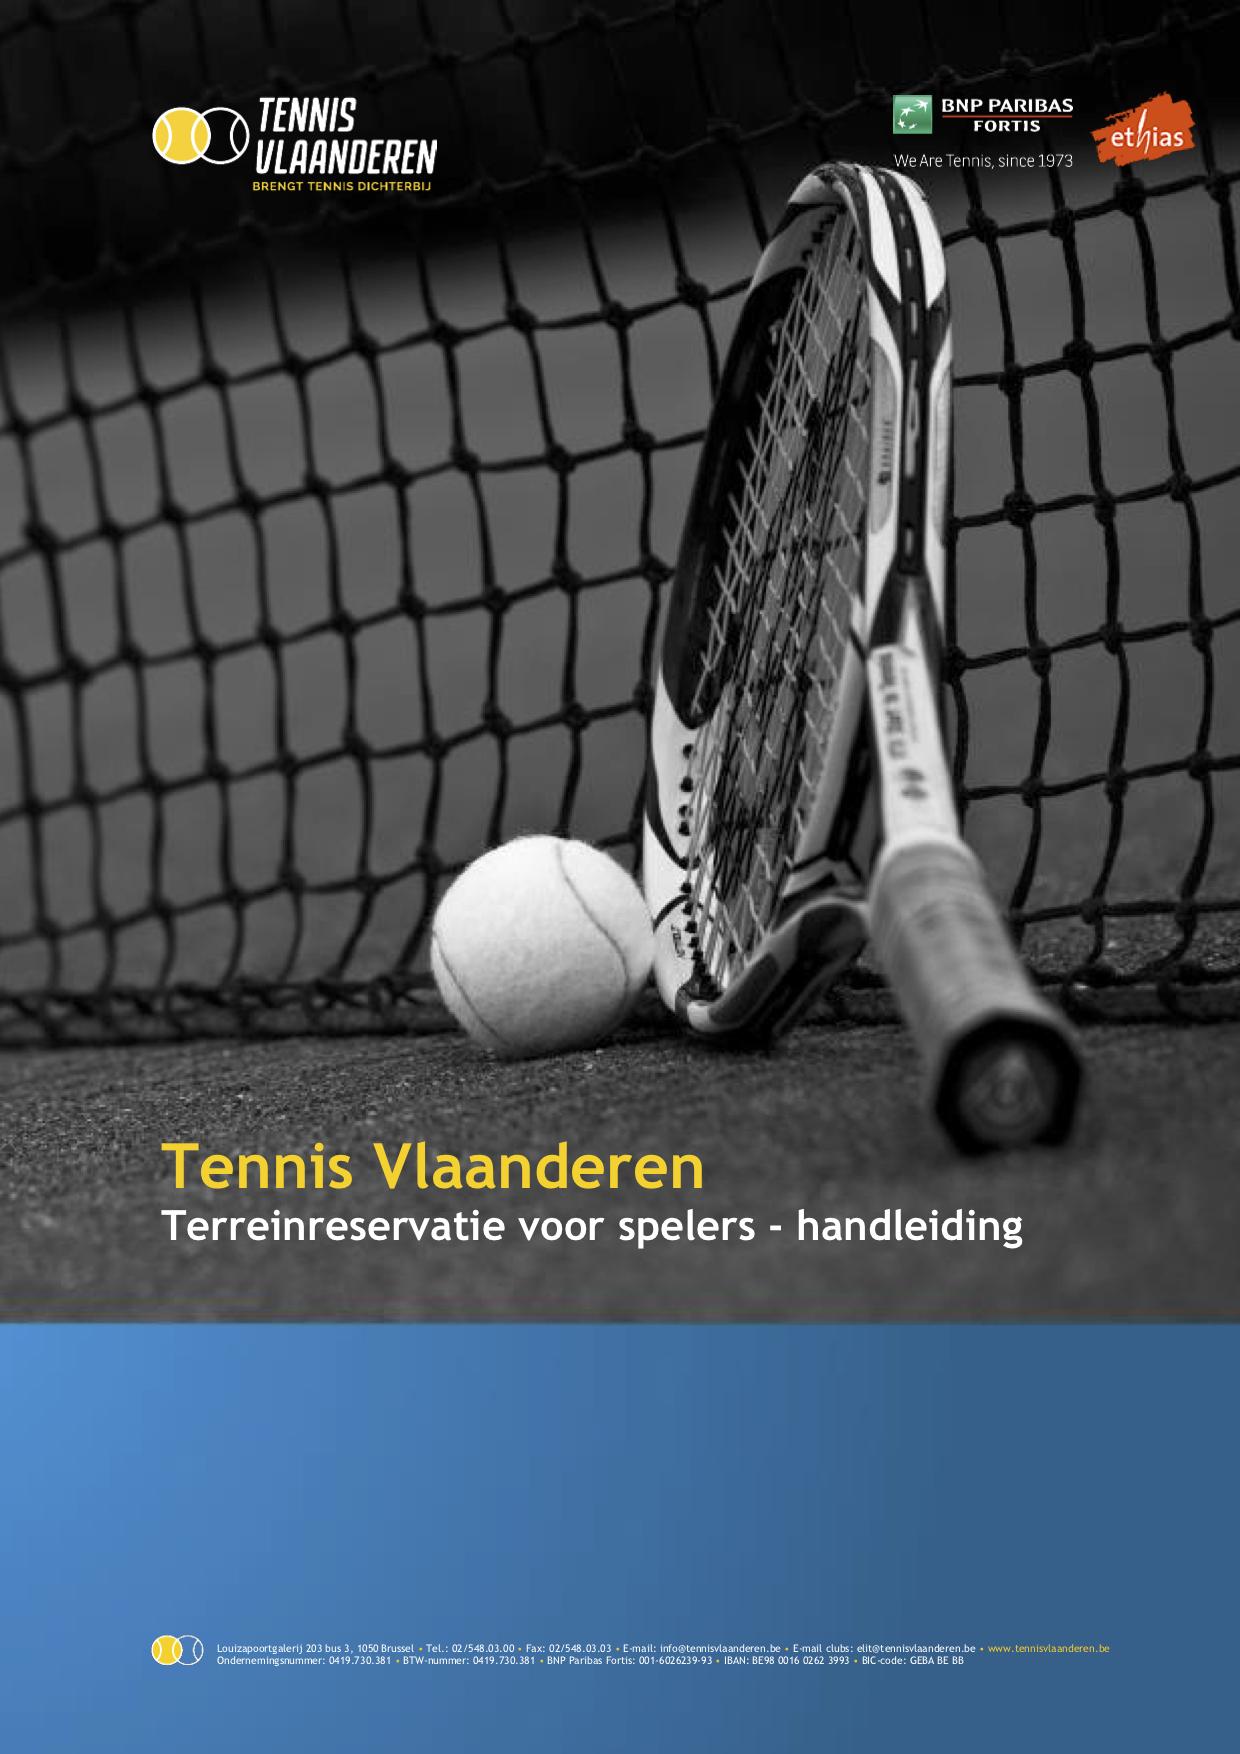 Hoe reserveer in een terrein via de Tennis Vlanderen website ?